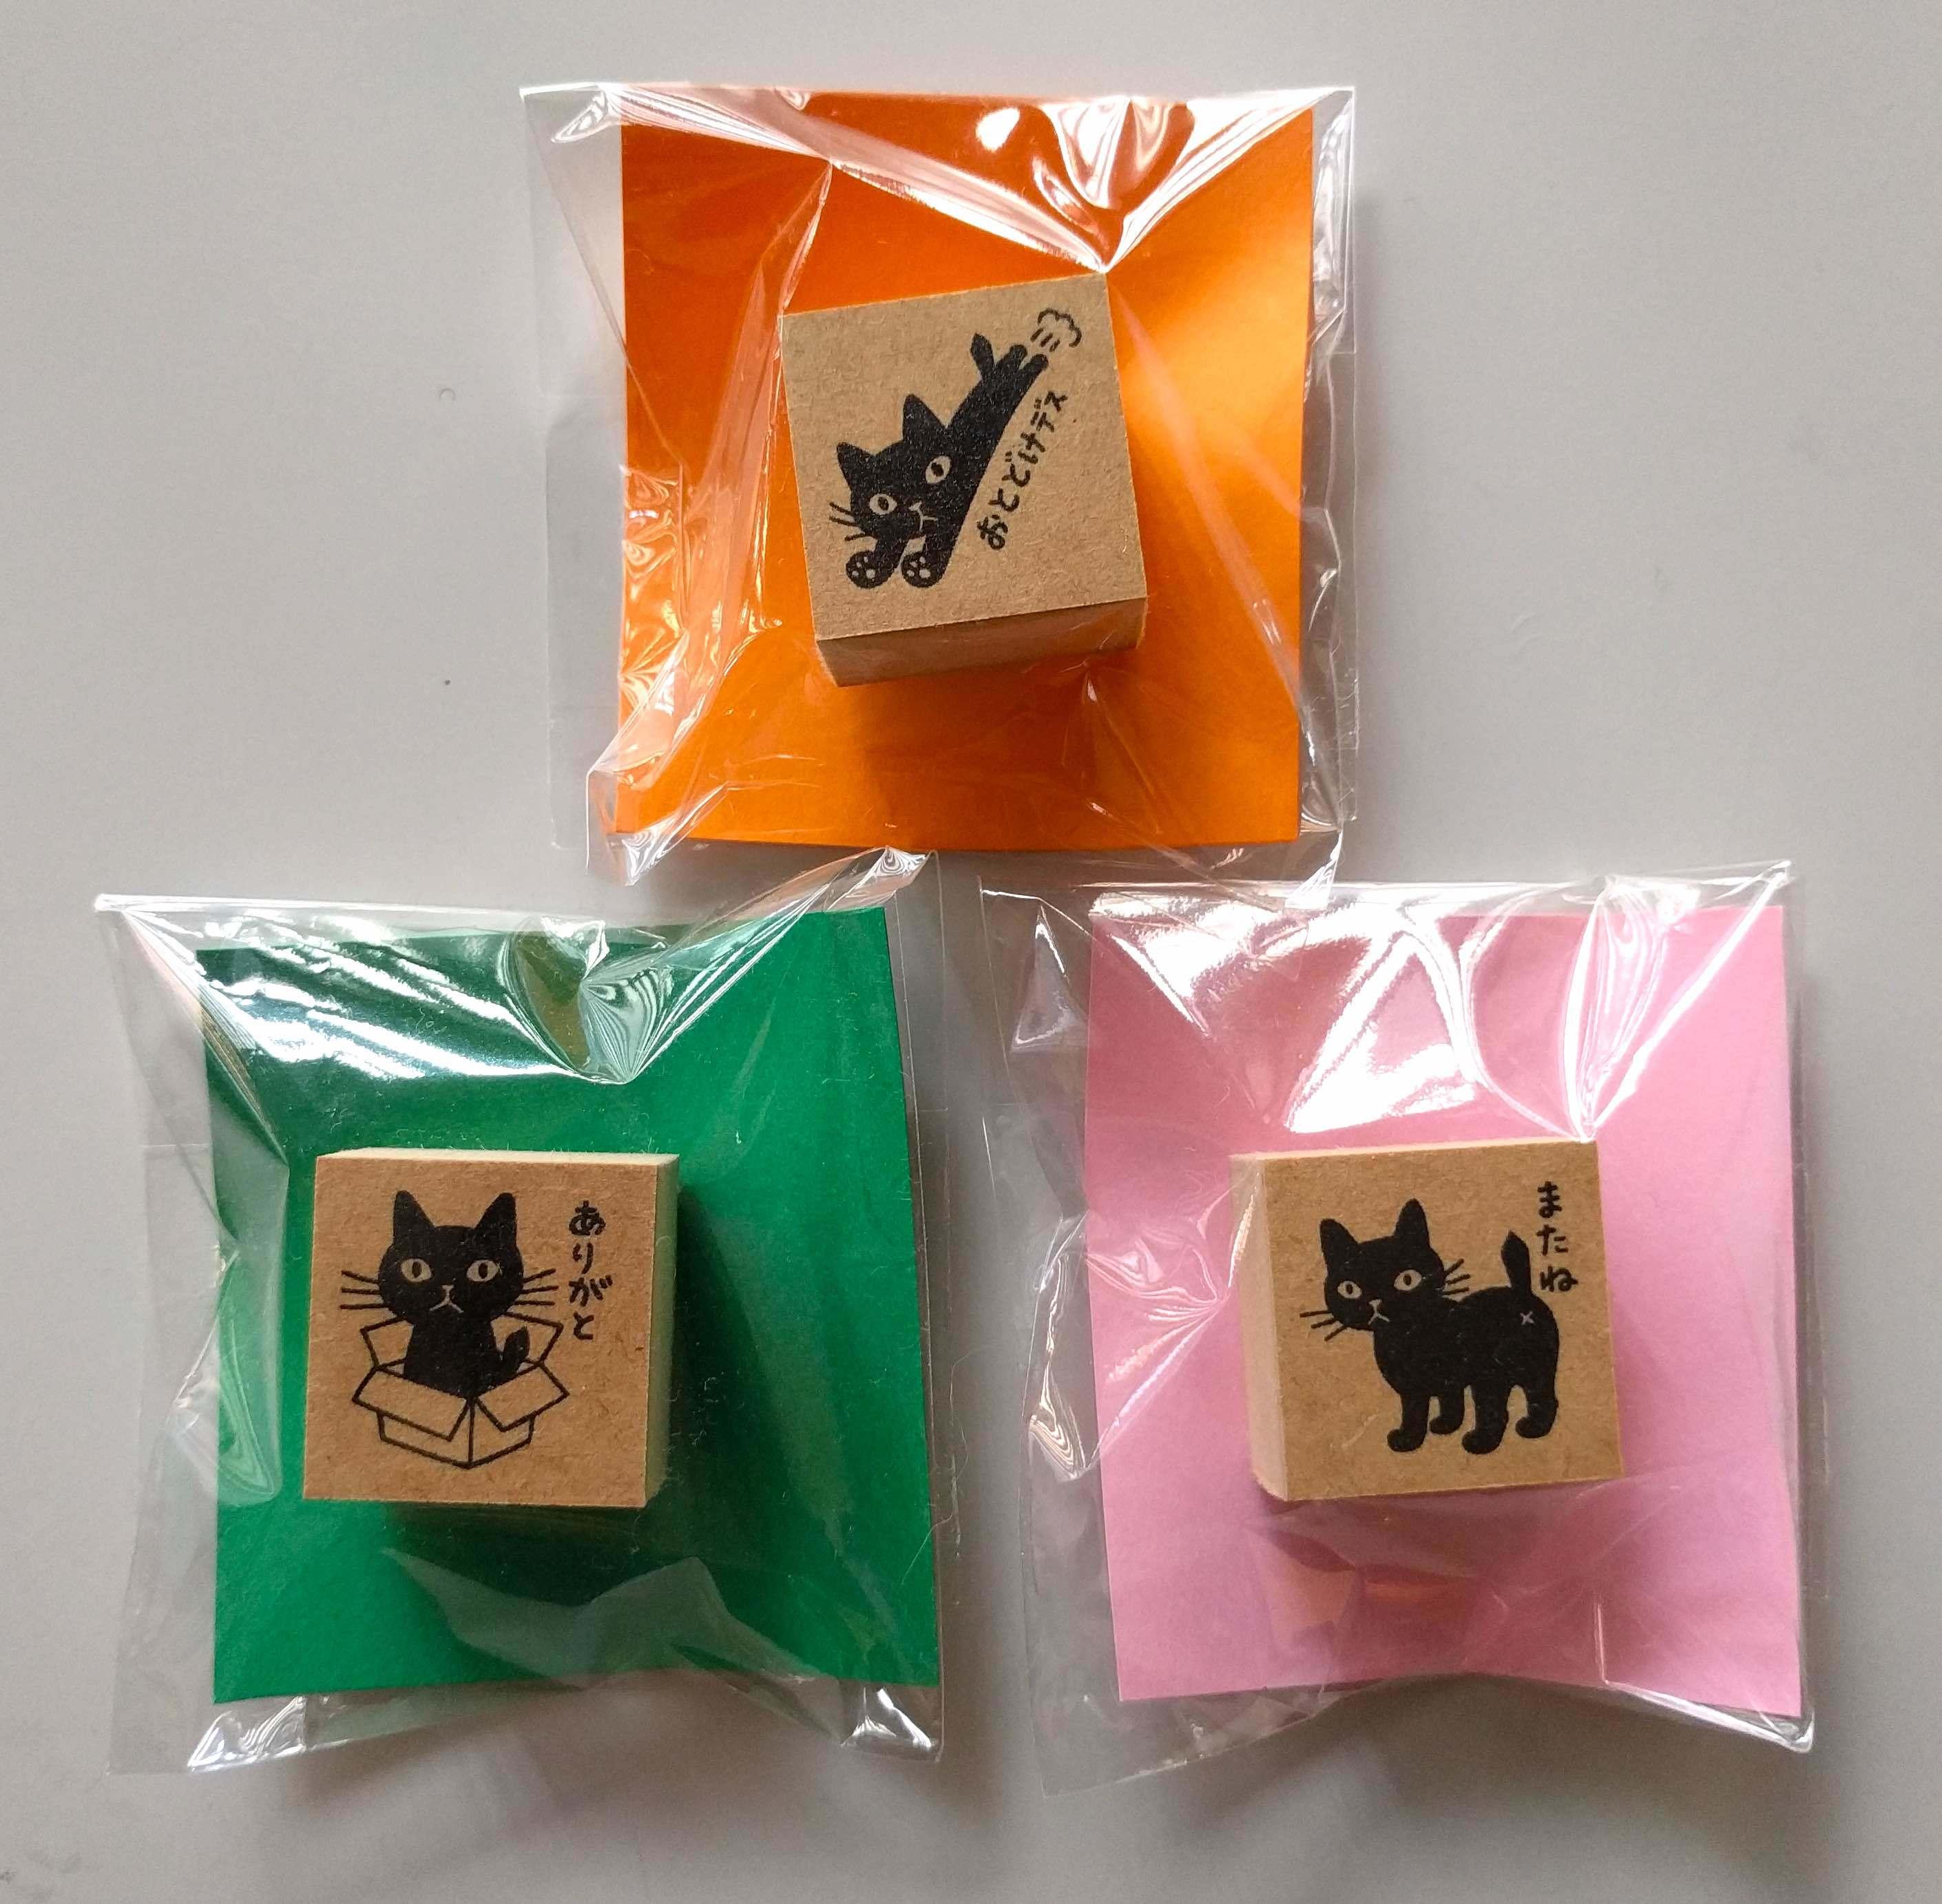 坂本千明さんの作品とグッズの通販につきまして_a0265743_20121259.jpg